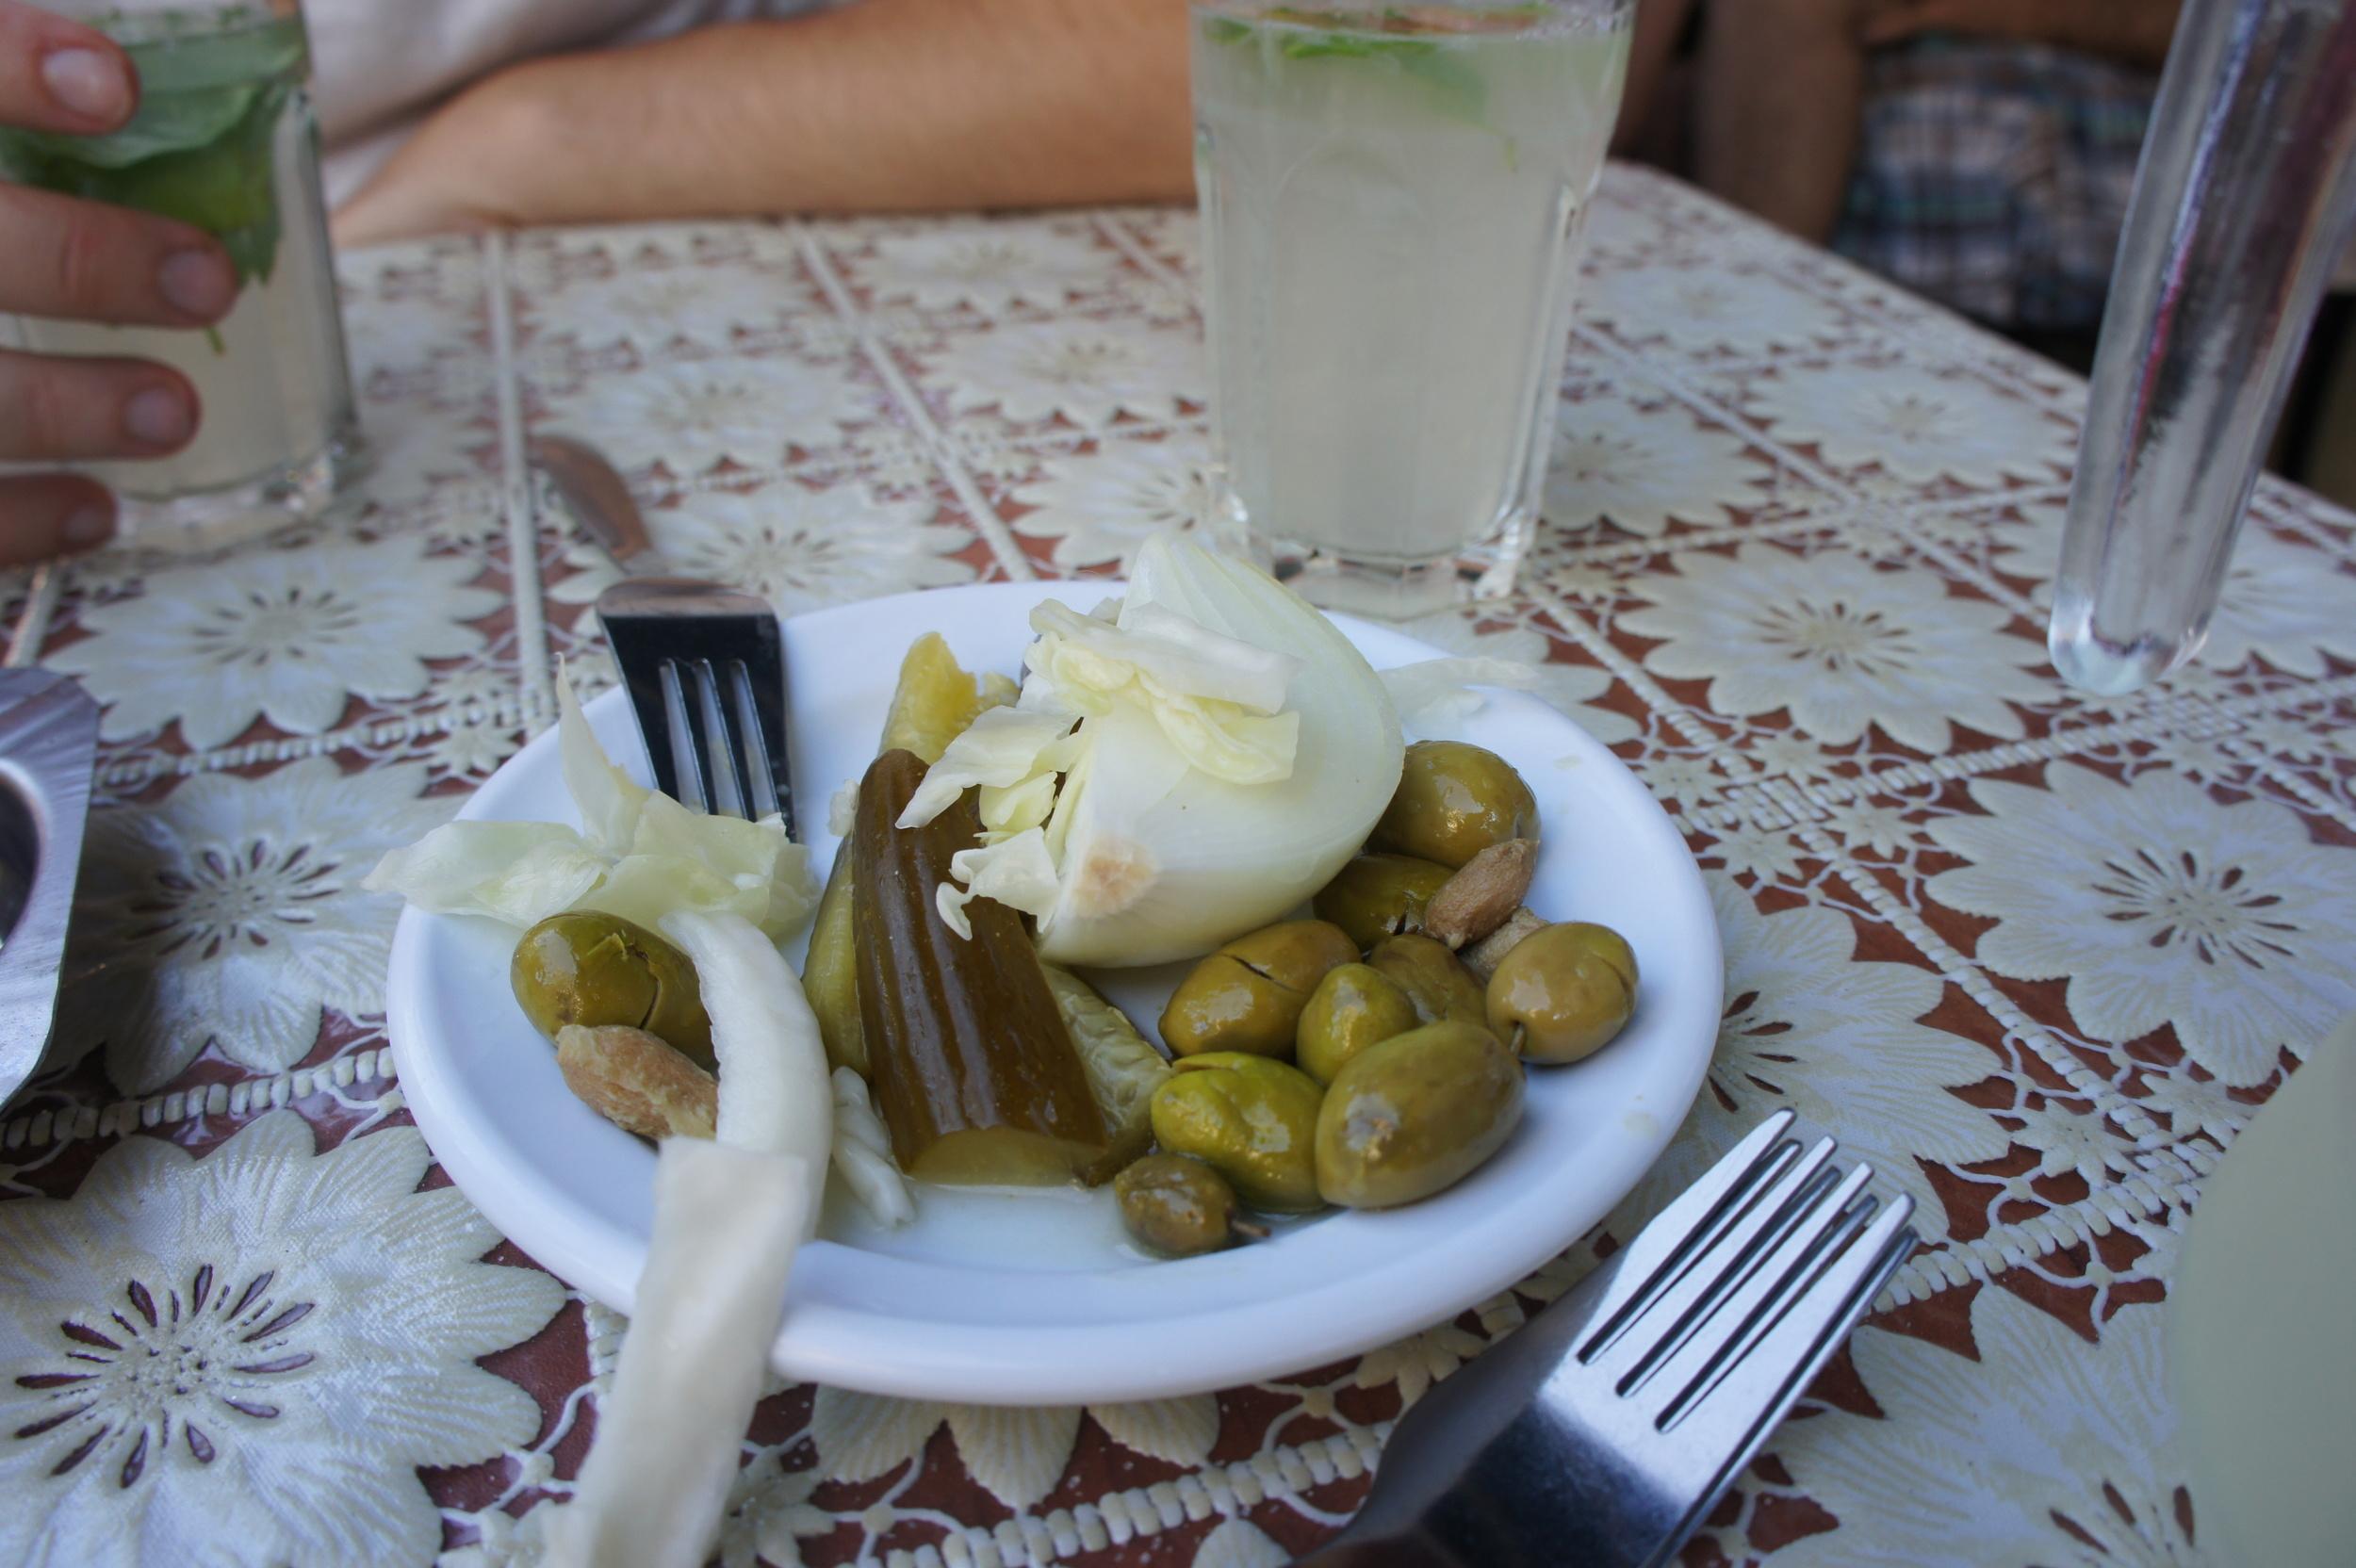 Israel: Seeing and Eating New Things — Devorah Lev-Tov